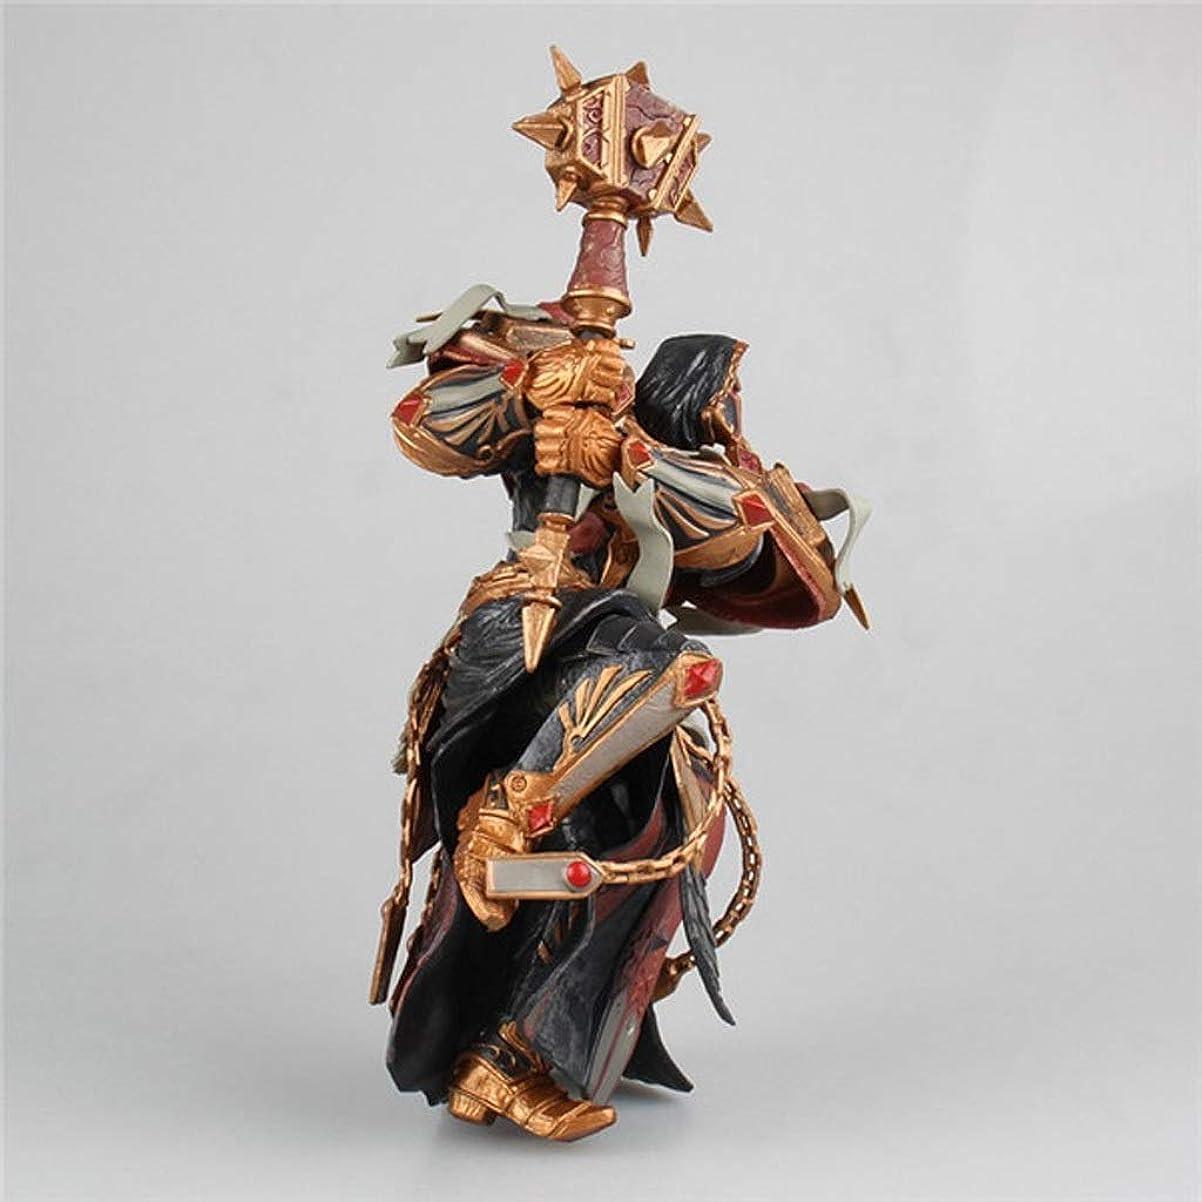 固めるトレース刑務所World of Warcraftのおもちゃオレンジハンマー像モデルゲームキャラクターお土産/ 18センチ装飾お土産 Hxtsaber